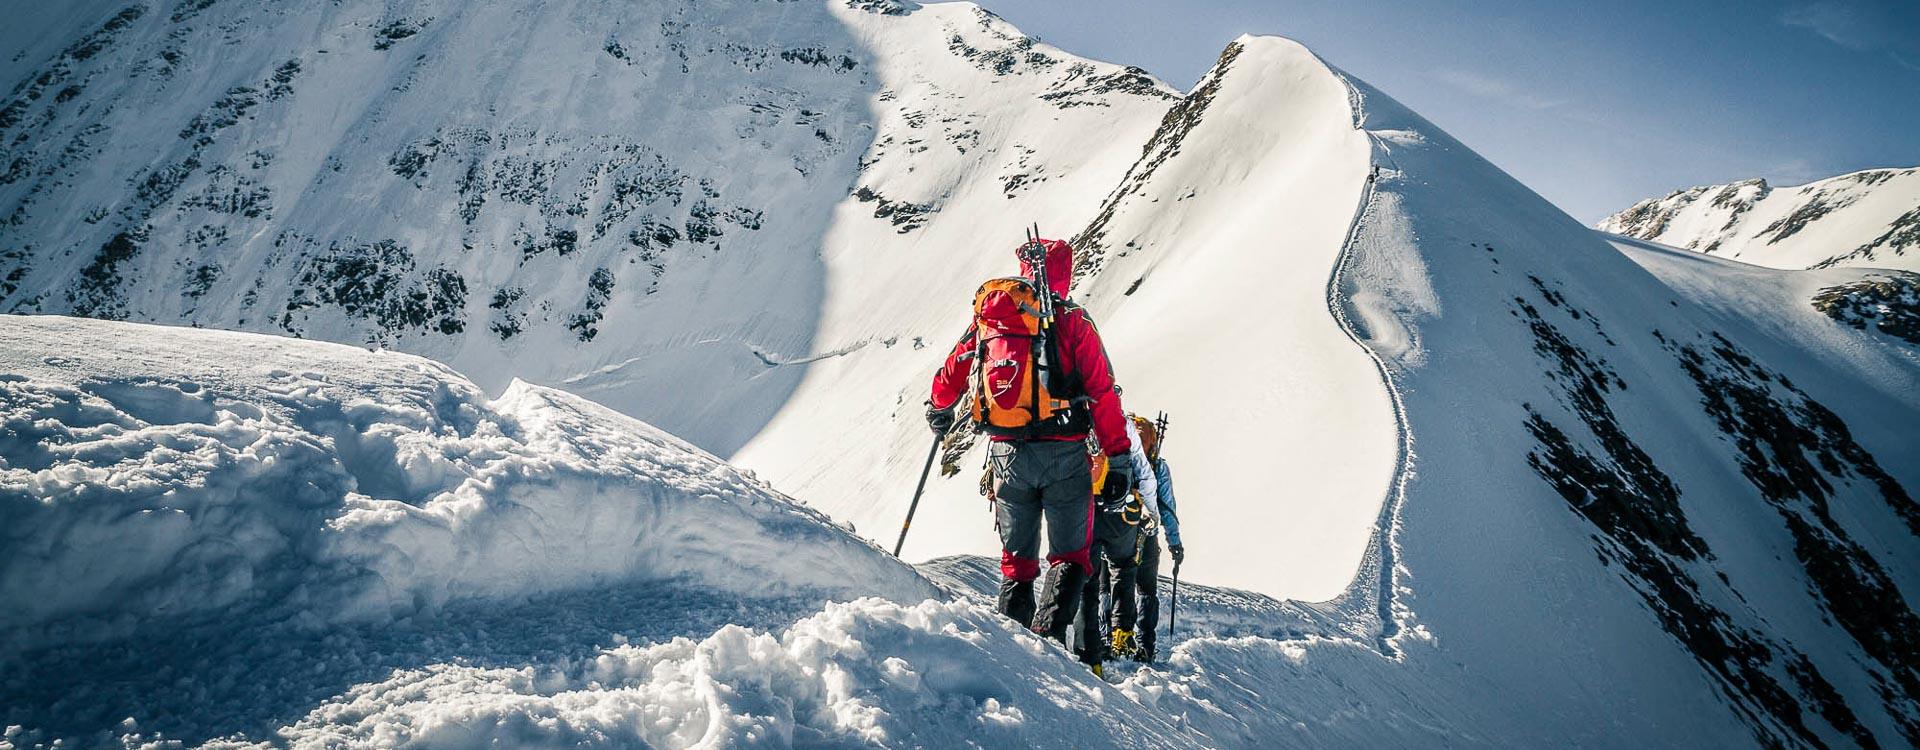 Mitten am Grat bei der Hochtour mit Bergfuehrer in Zermatt